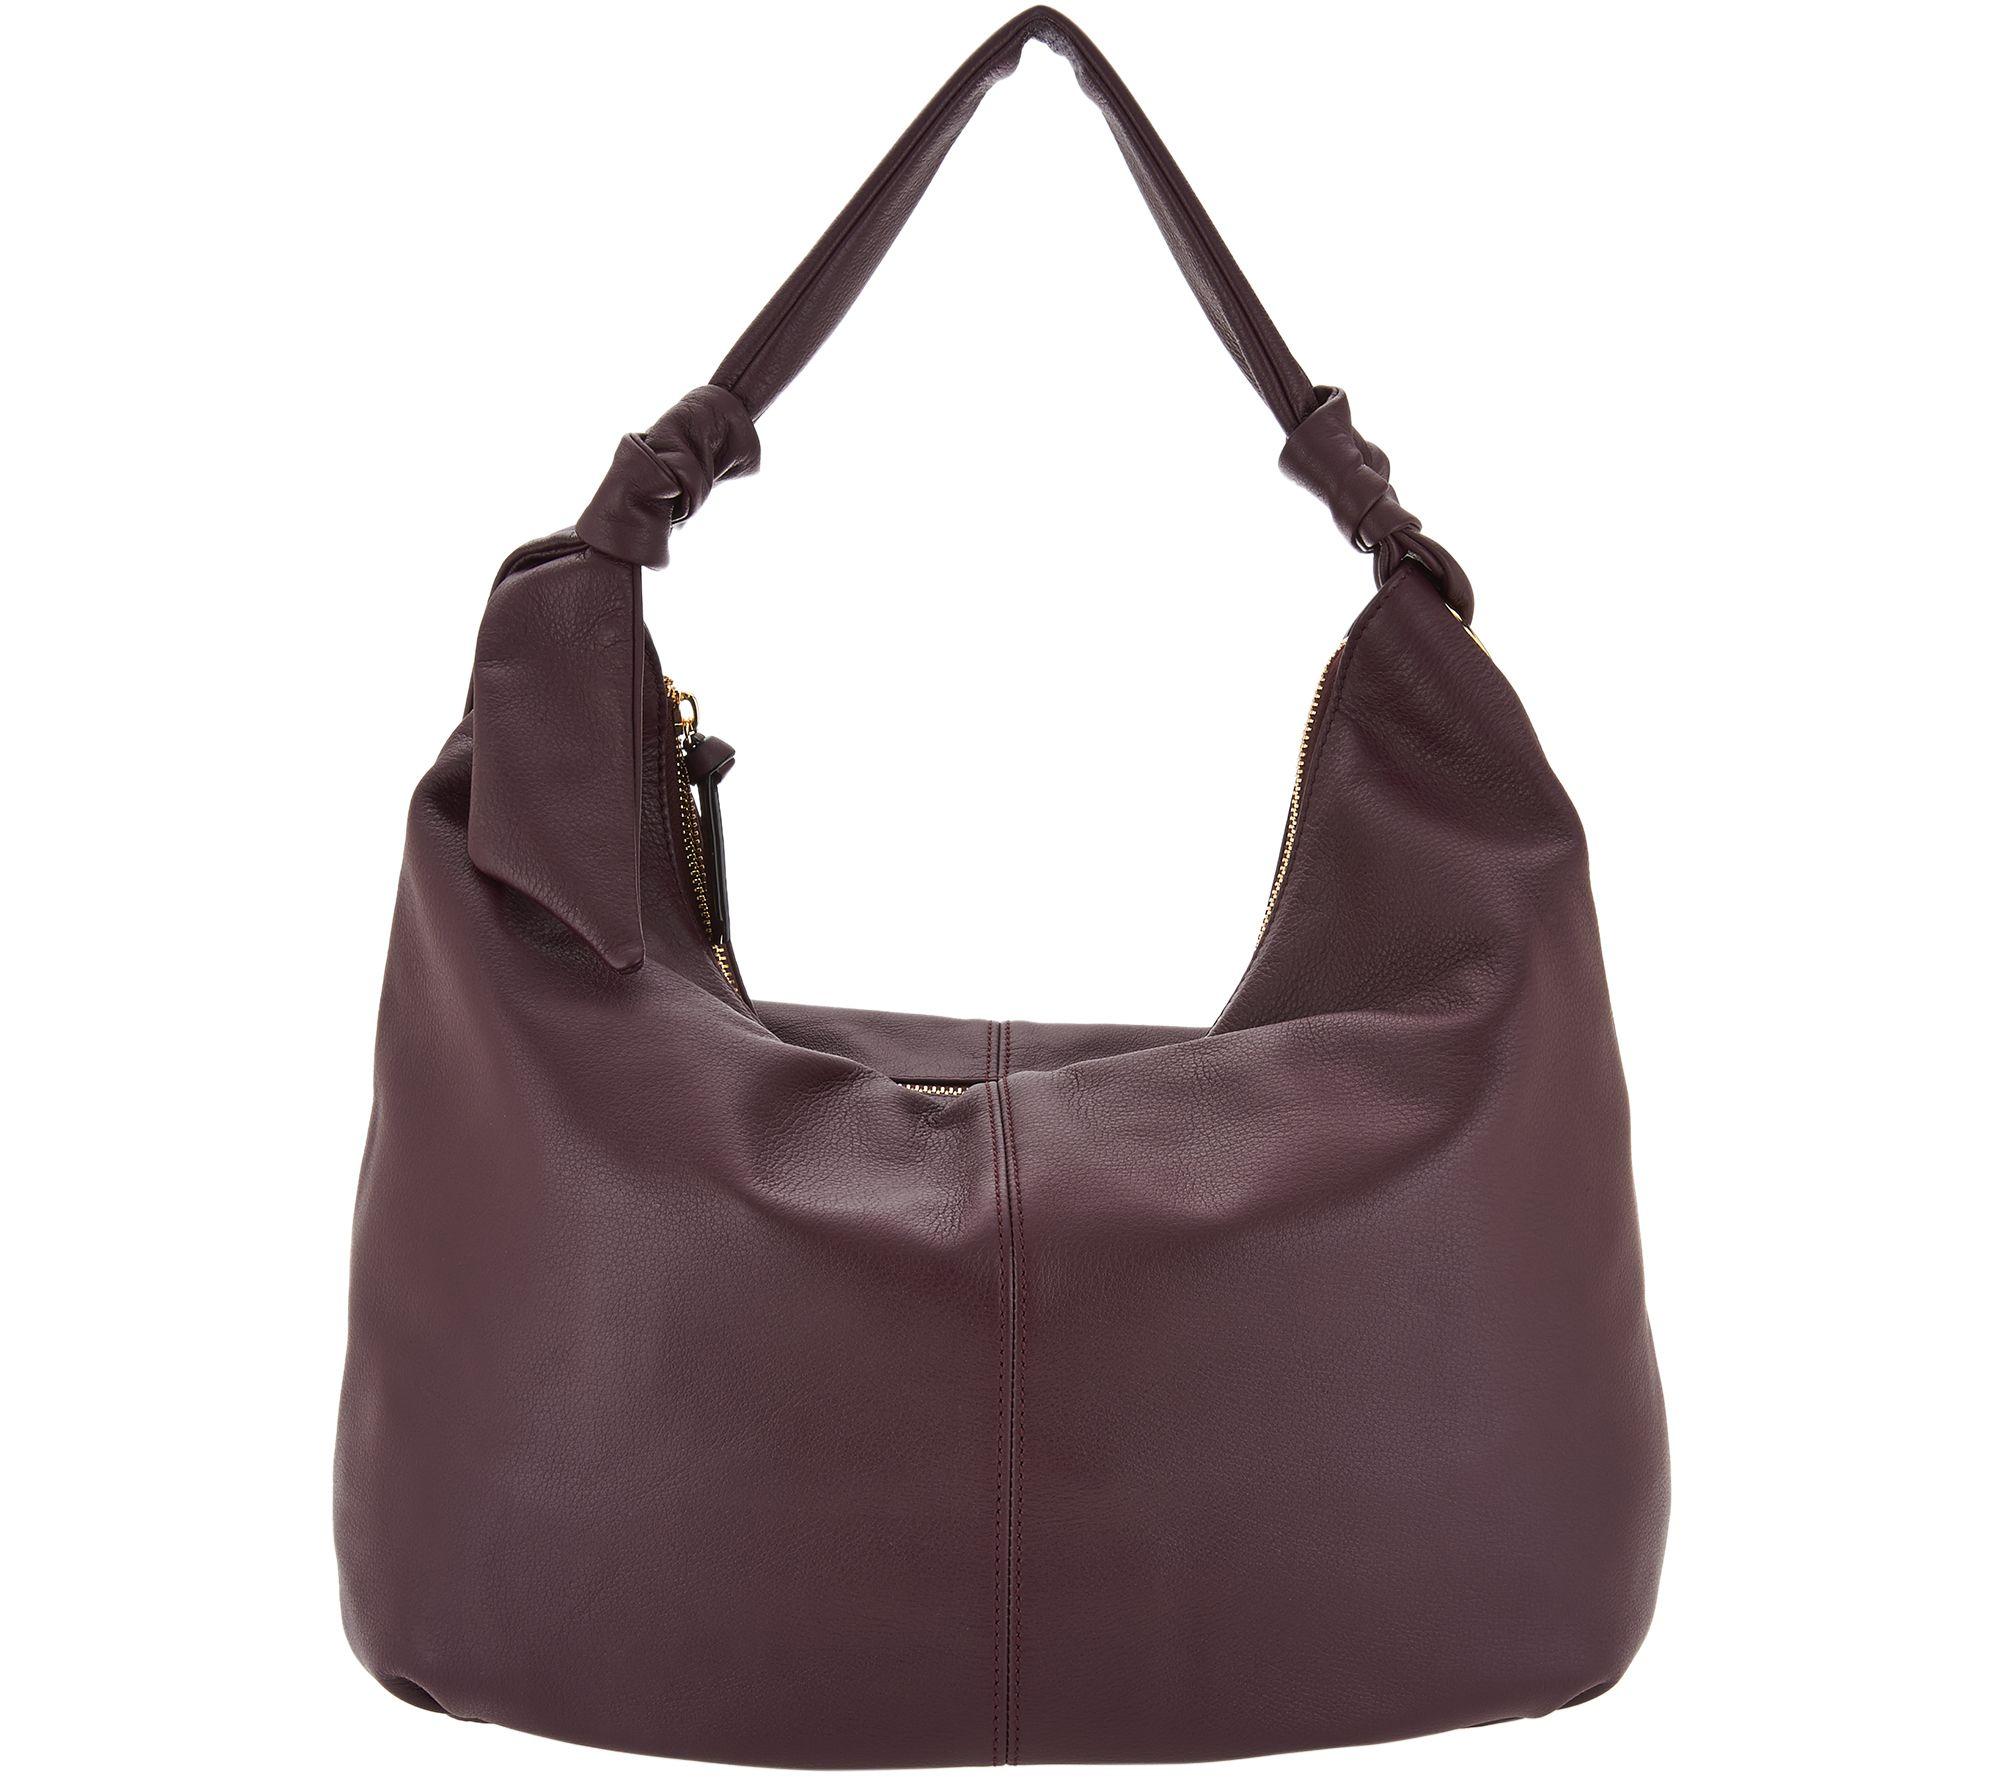 Excellent Tignanello — Women's Wallets & Handbags — QVC.com JI09